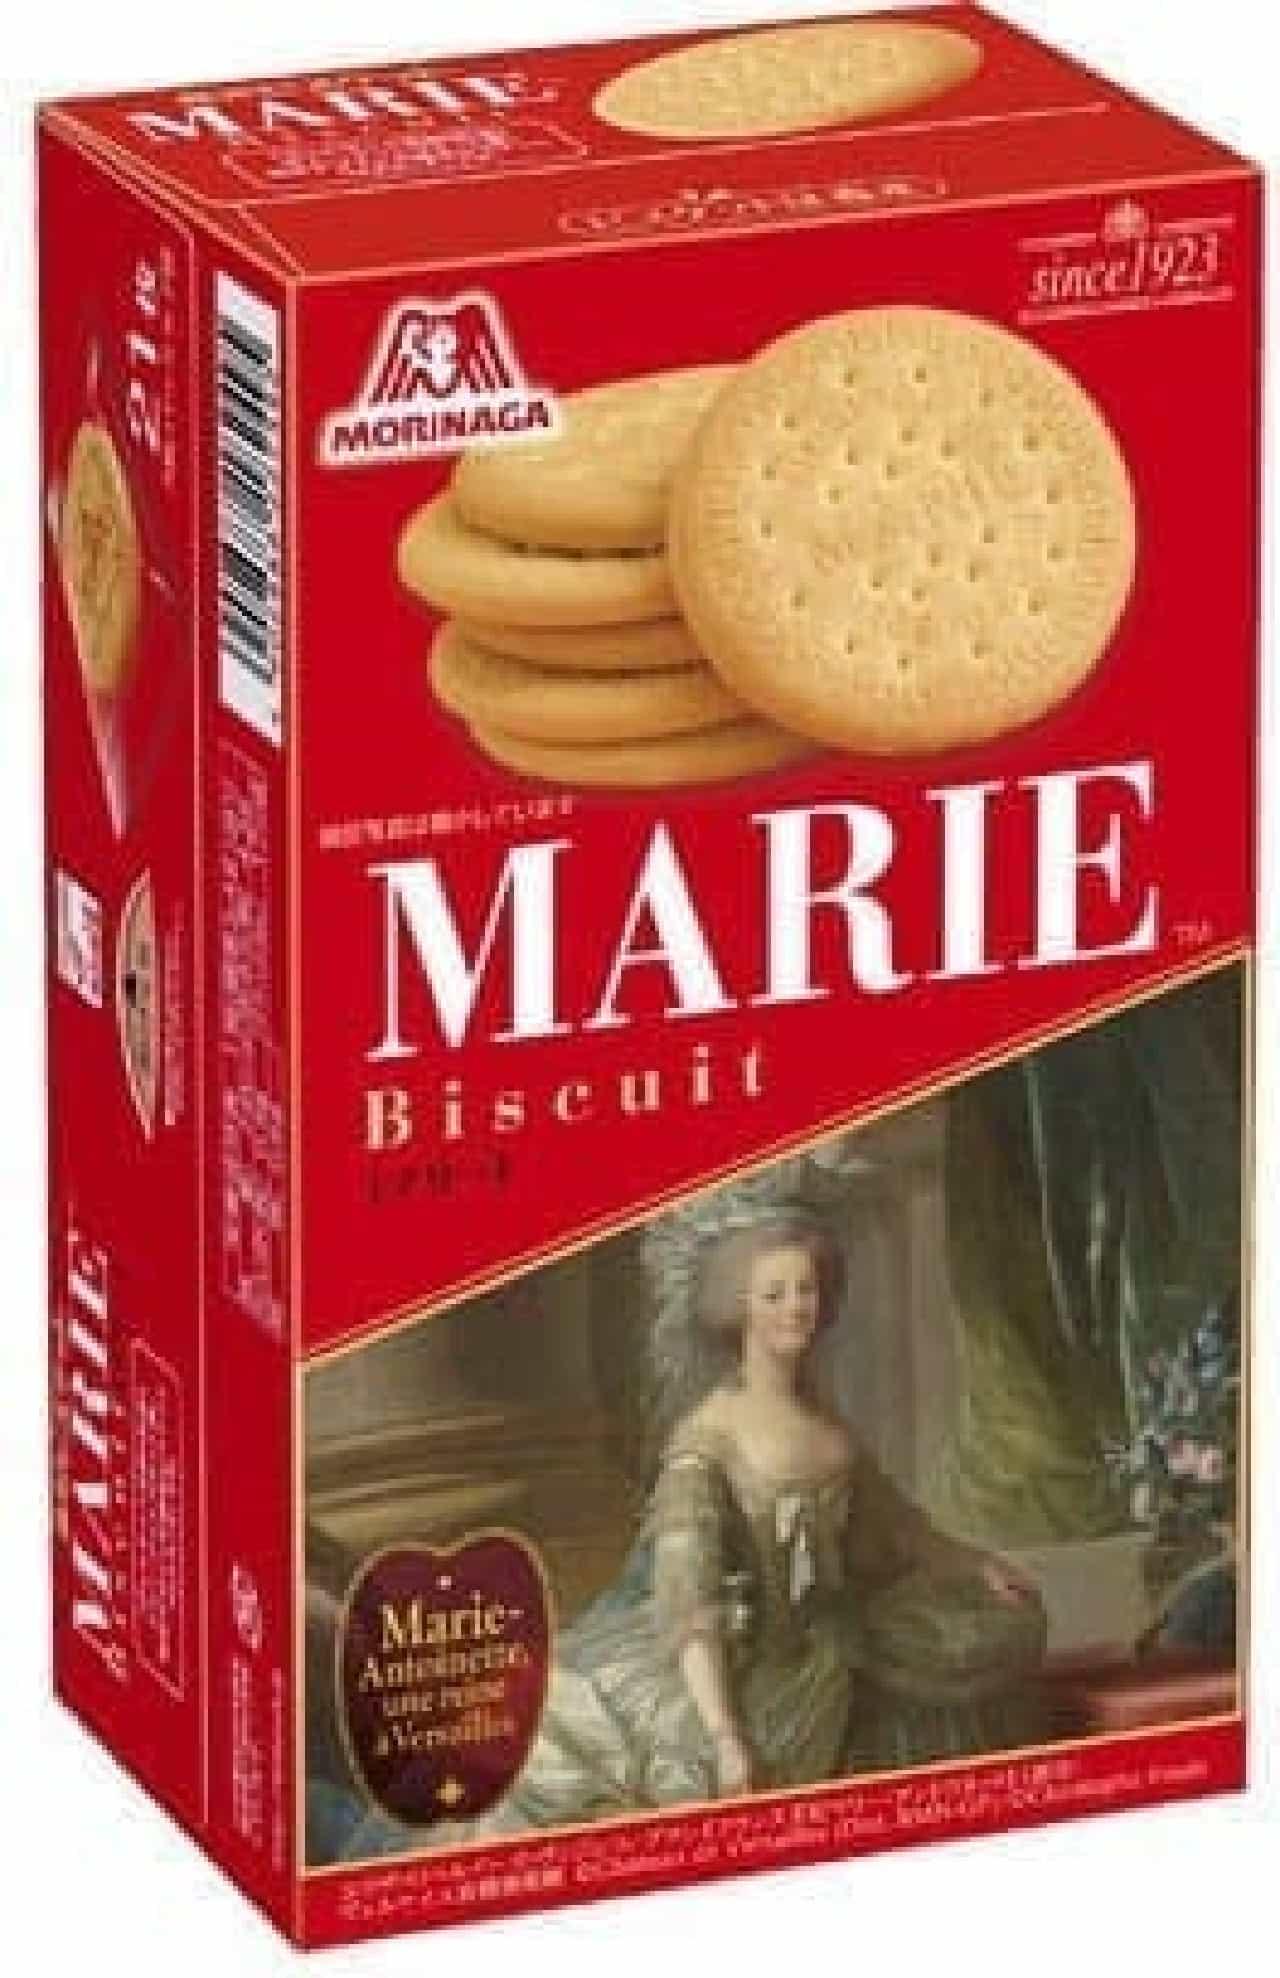 森永製菓のビスケット「マリー」